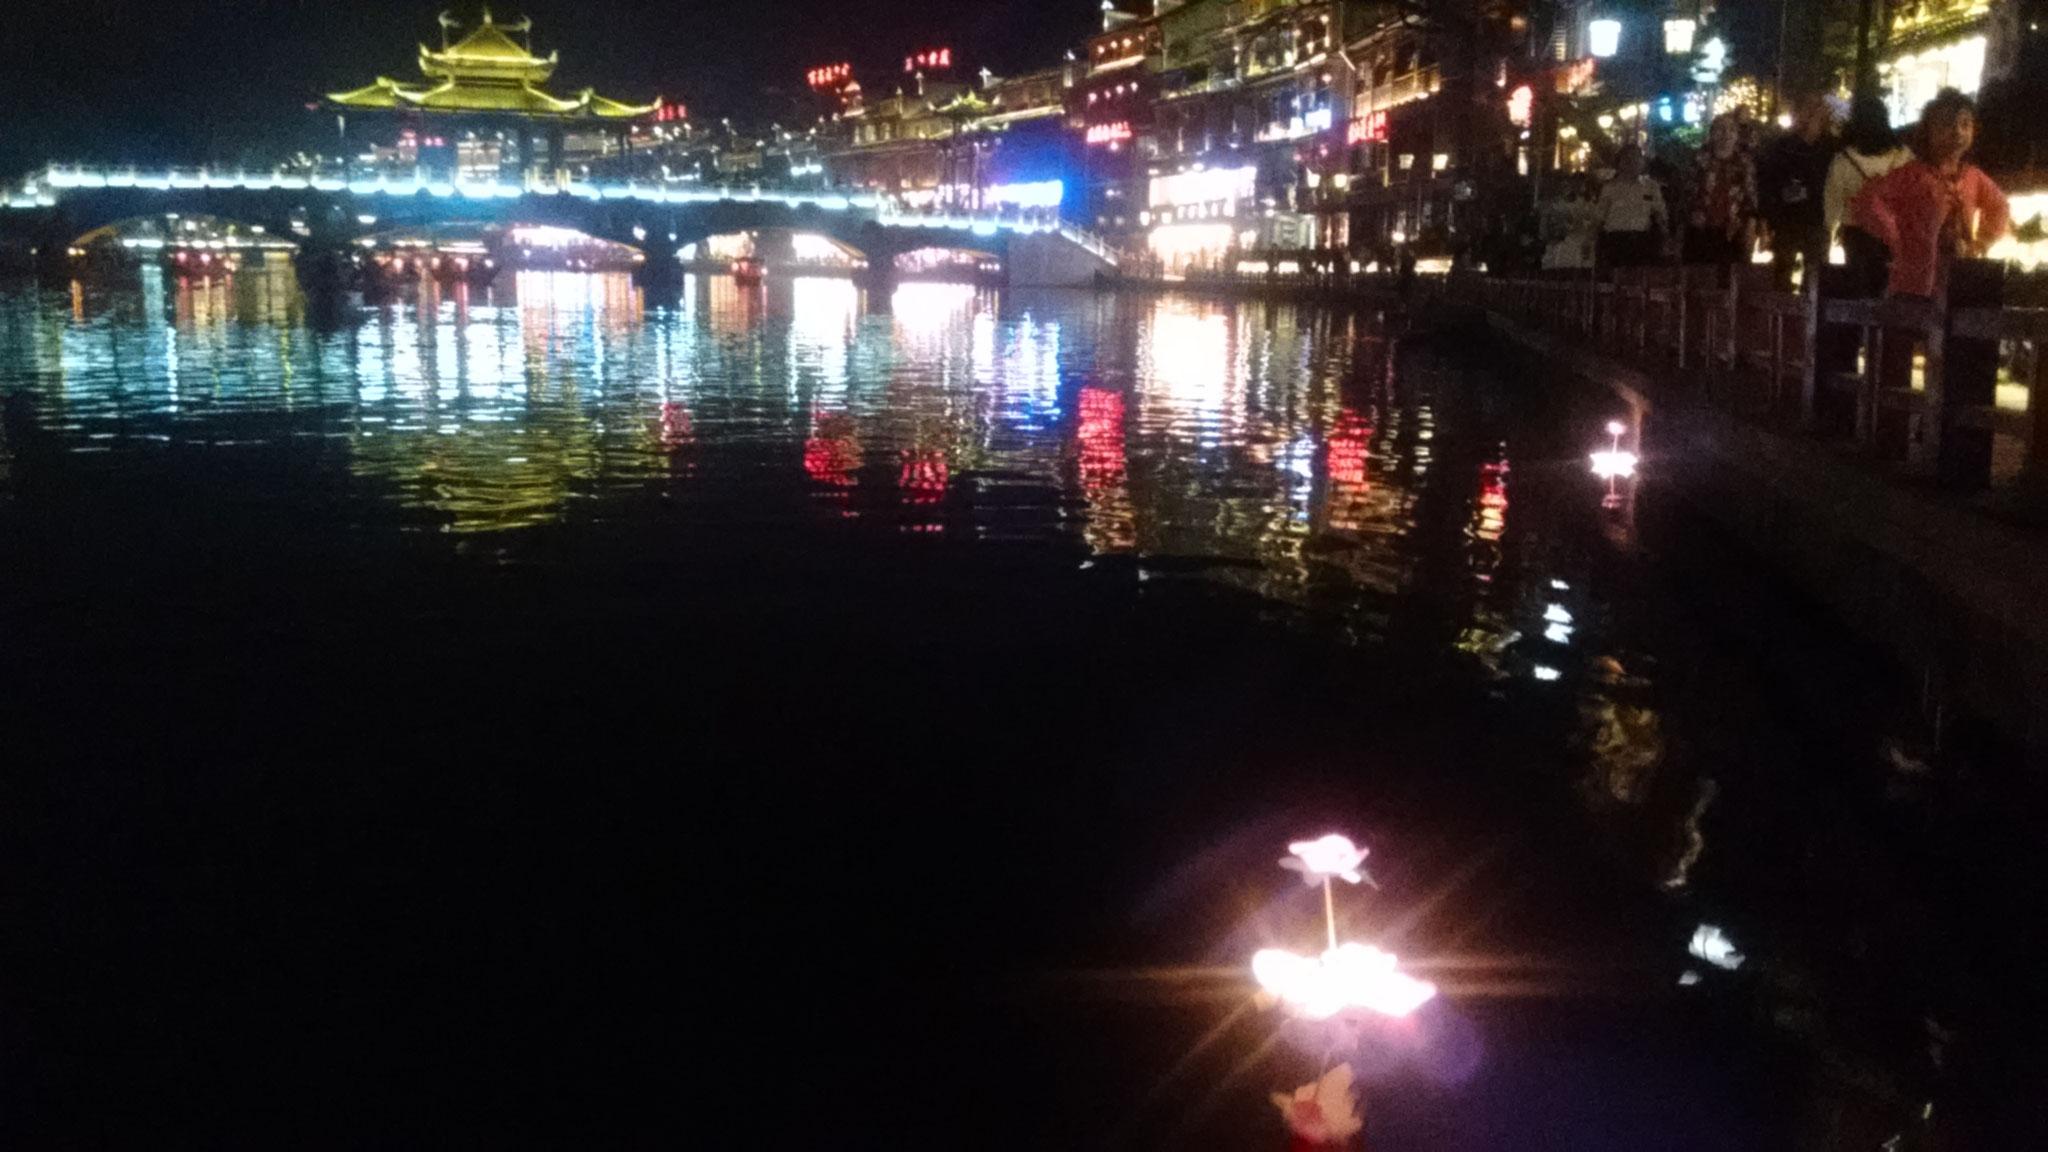 Ohne Laternen zu Wasser gelassen zu haben, sollte man Fenghuang nicht verlassen.